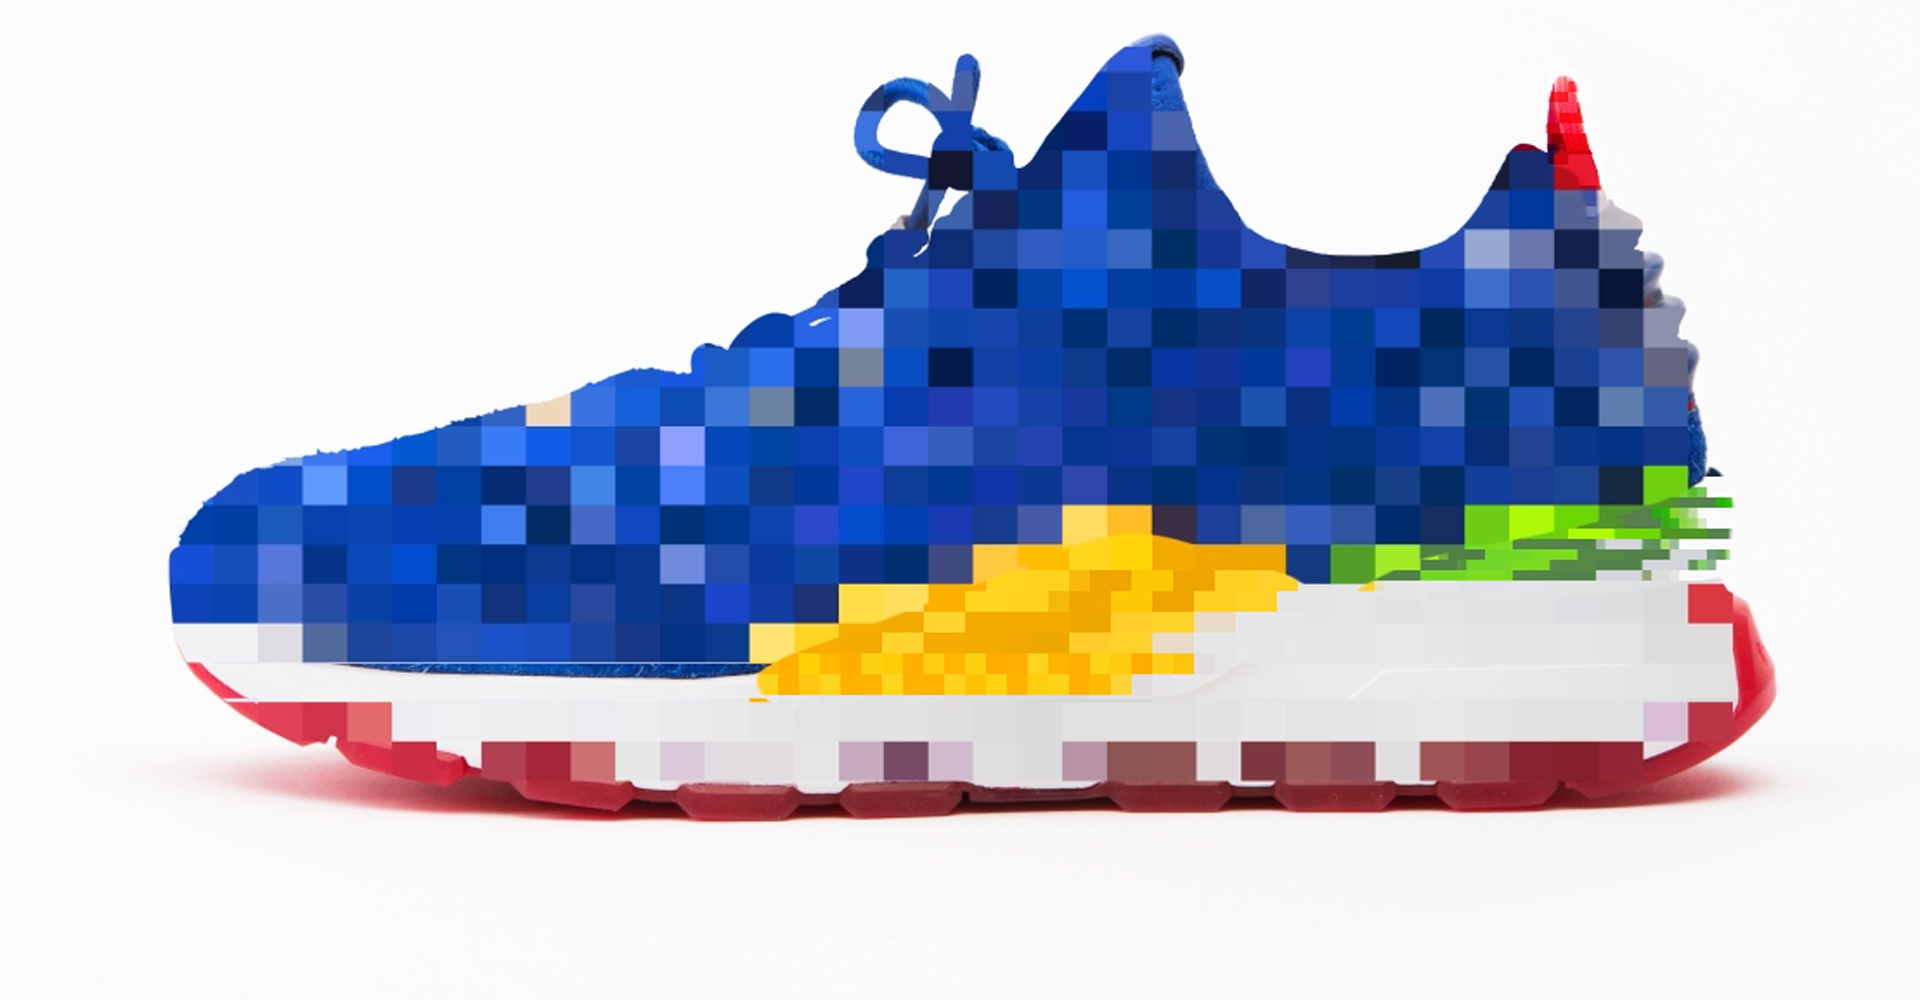 Das ist der neue Sonic Sneaker von Sega und Puma